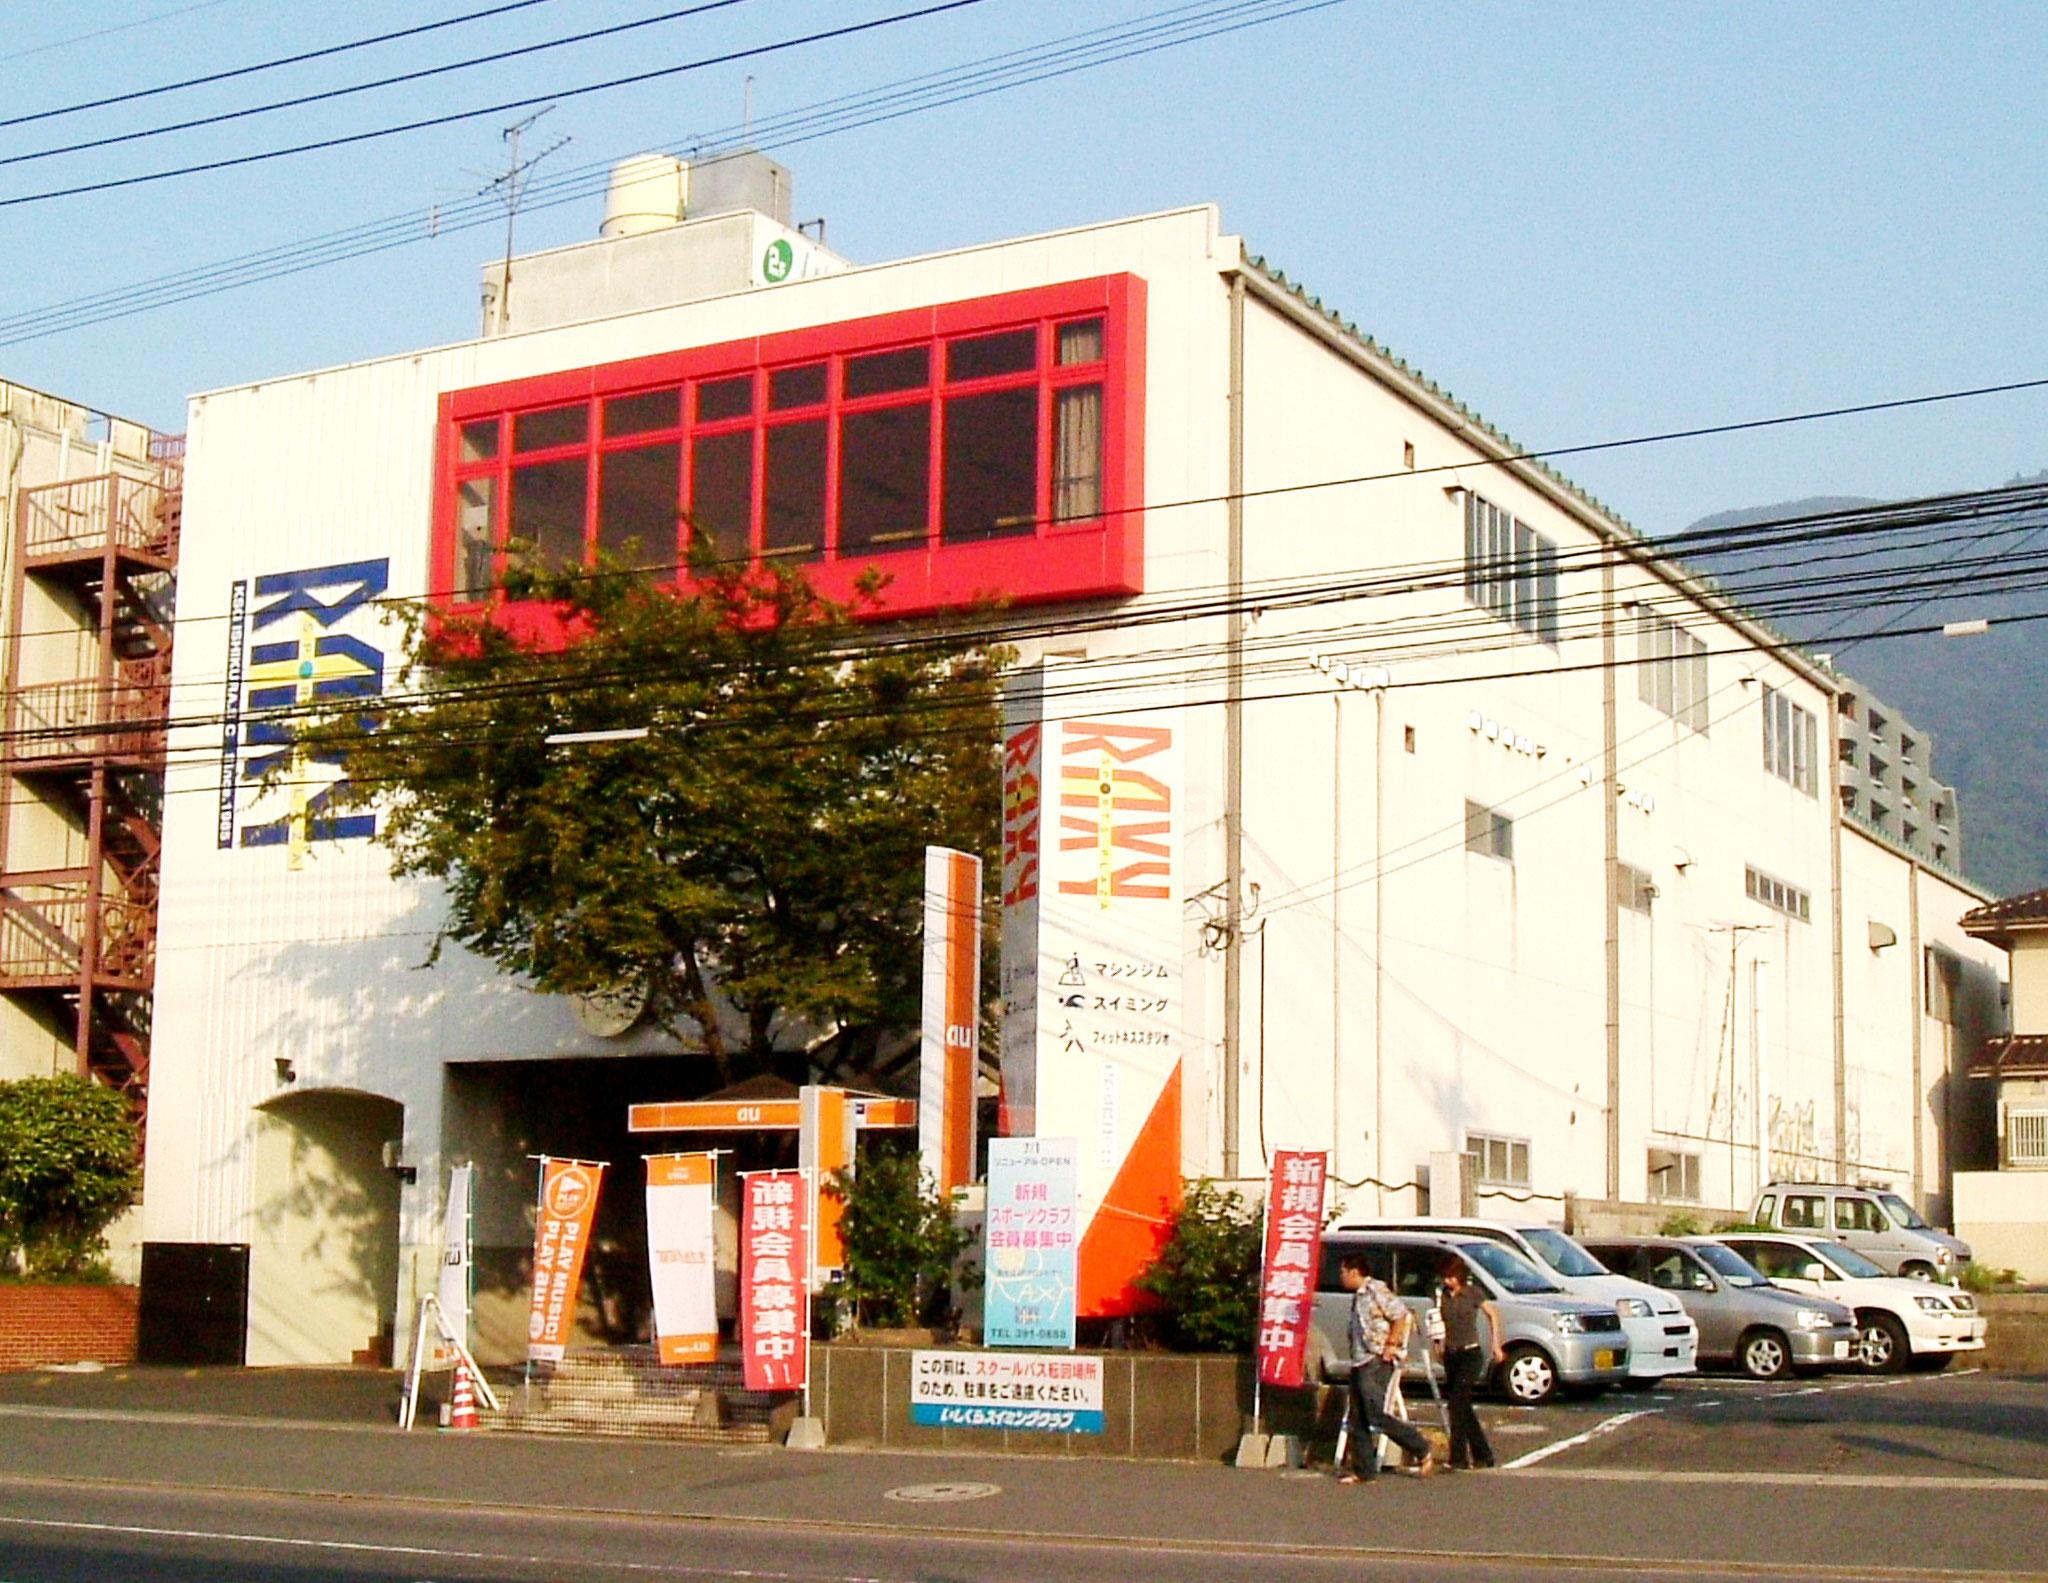 建物全景|3号線小倉側からの写真です。建物の右側は第2駐車場です。